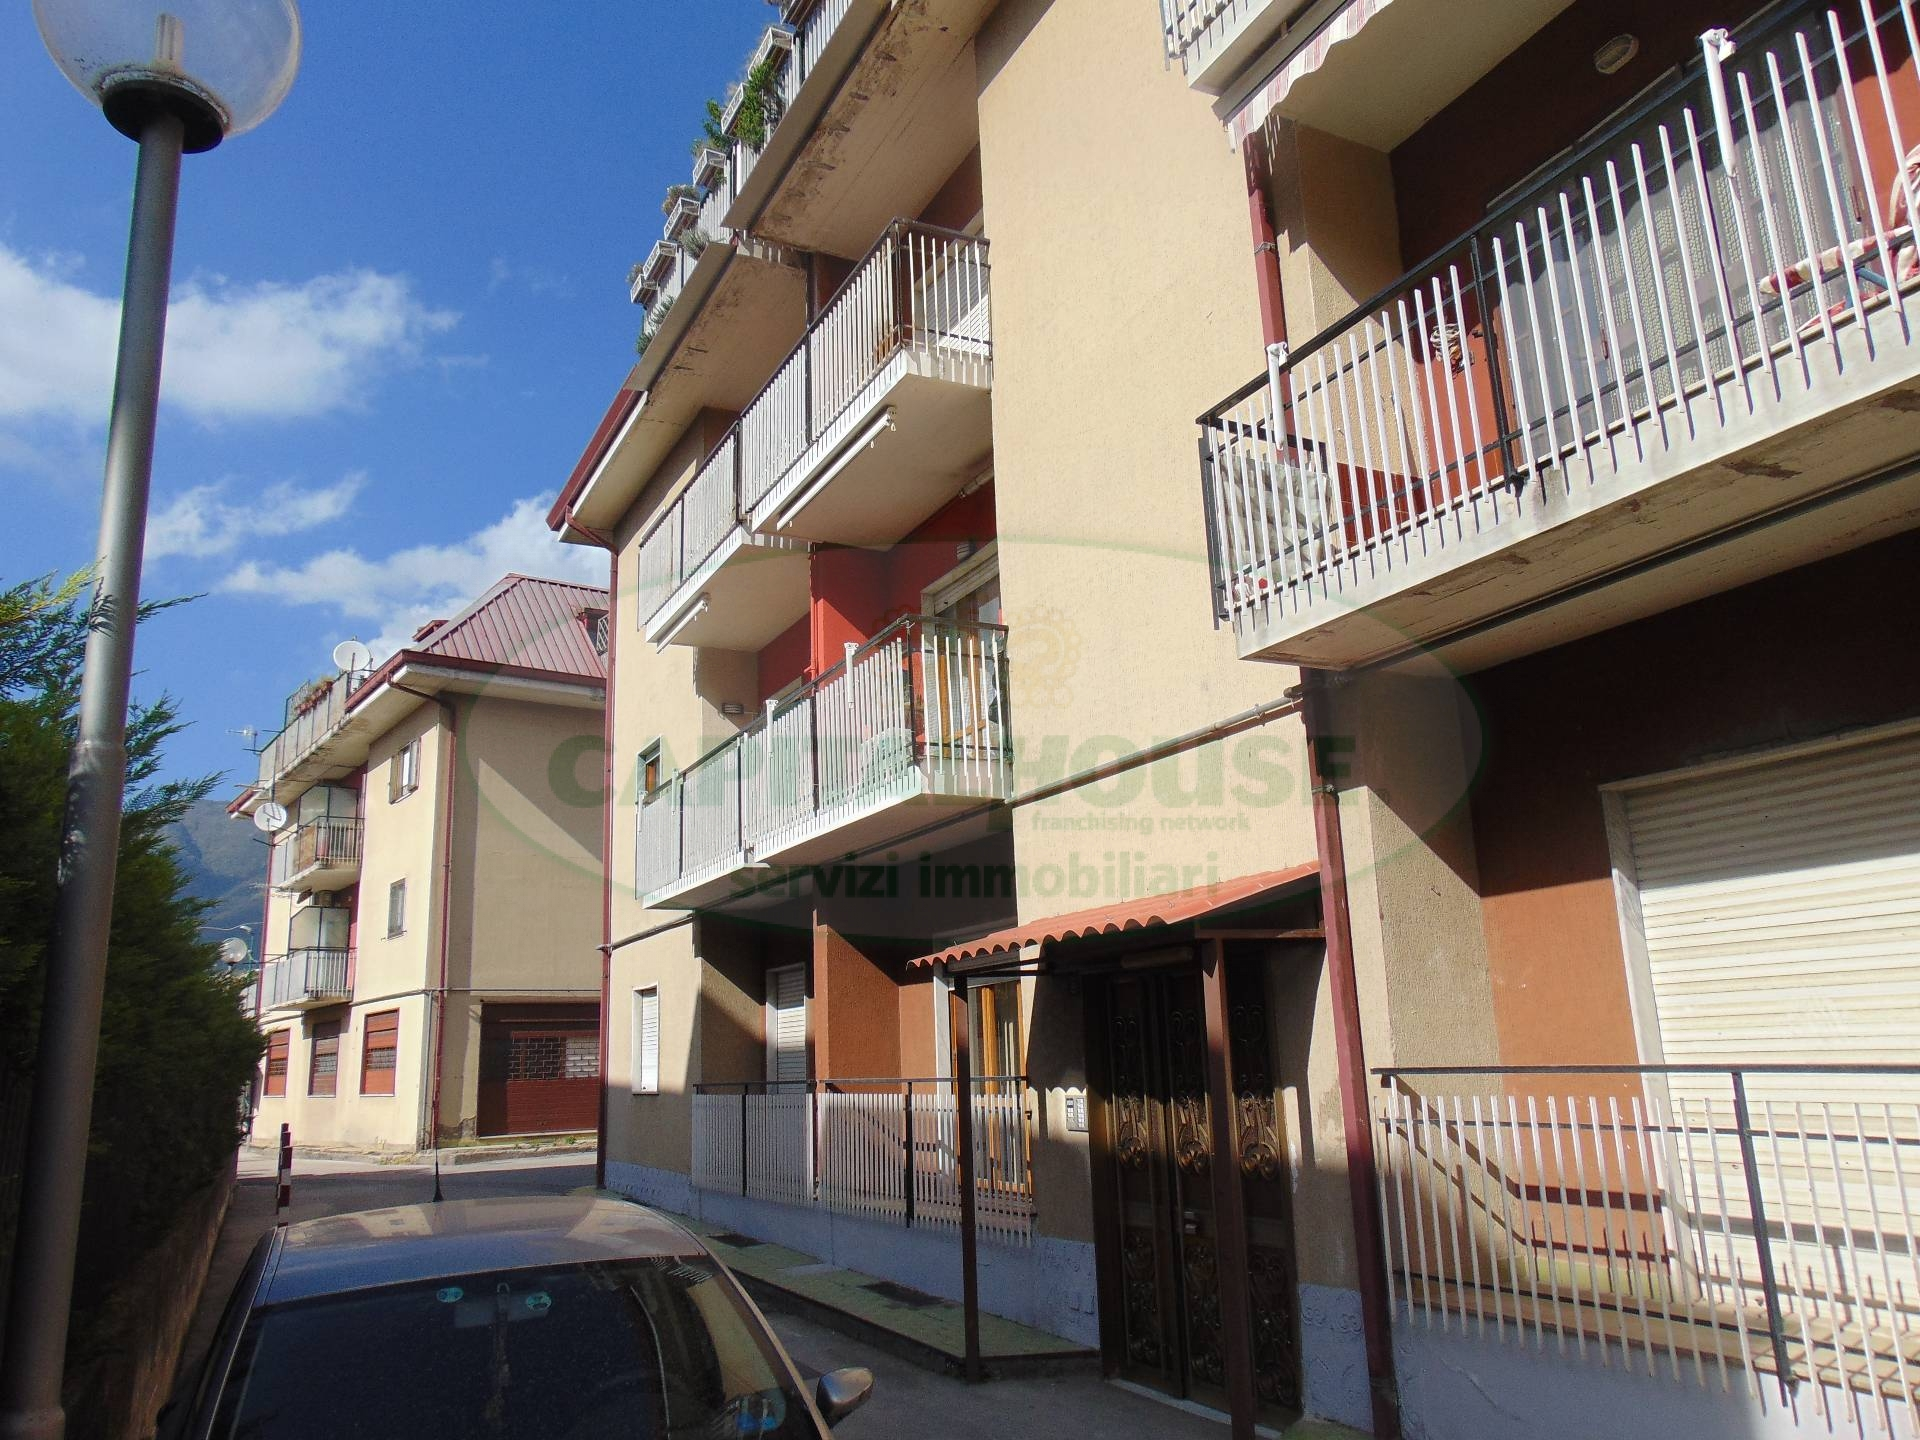 Appartamento in vendita a Sperone, 3 locali, prezzo € 55.000 | Cambio Casa.it